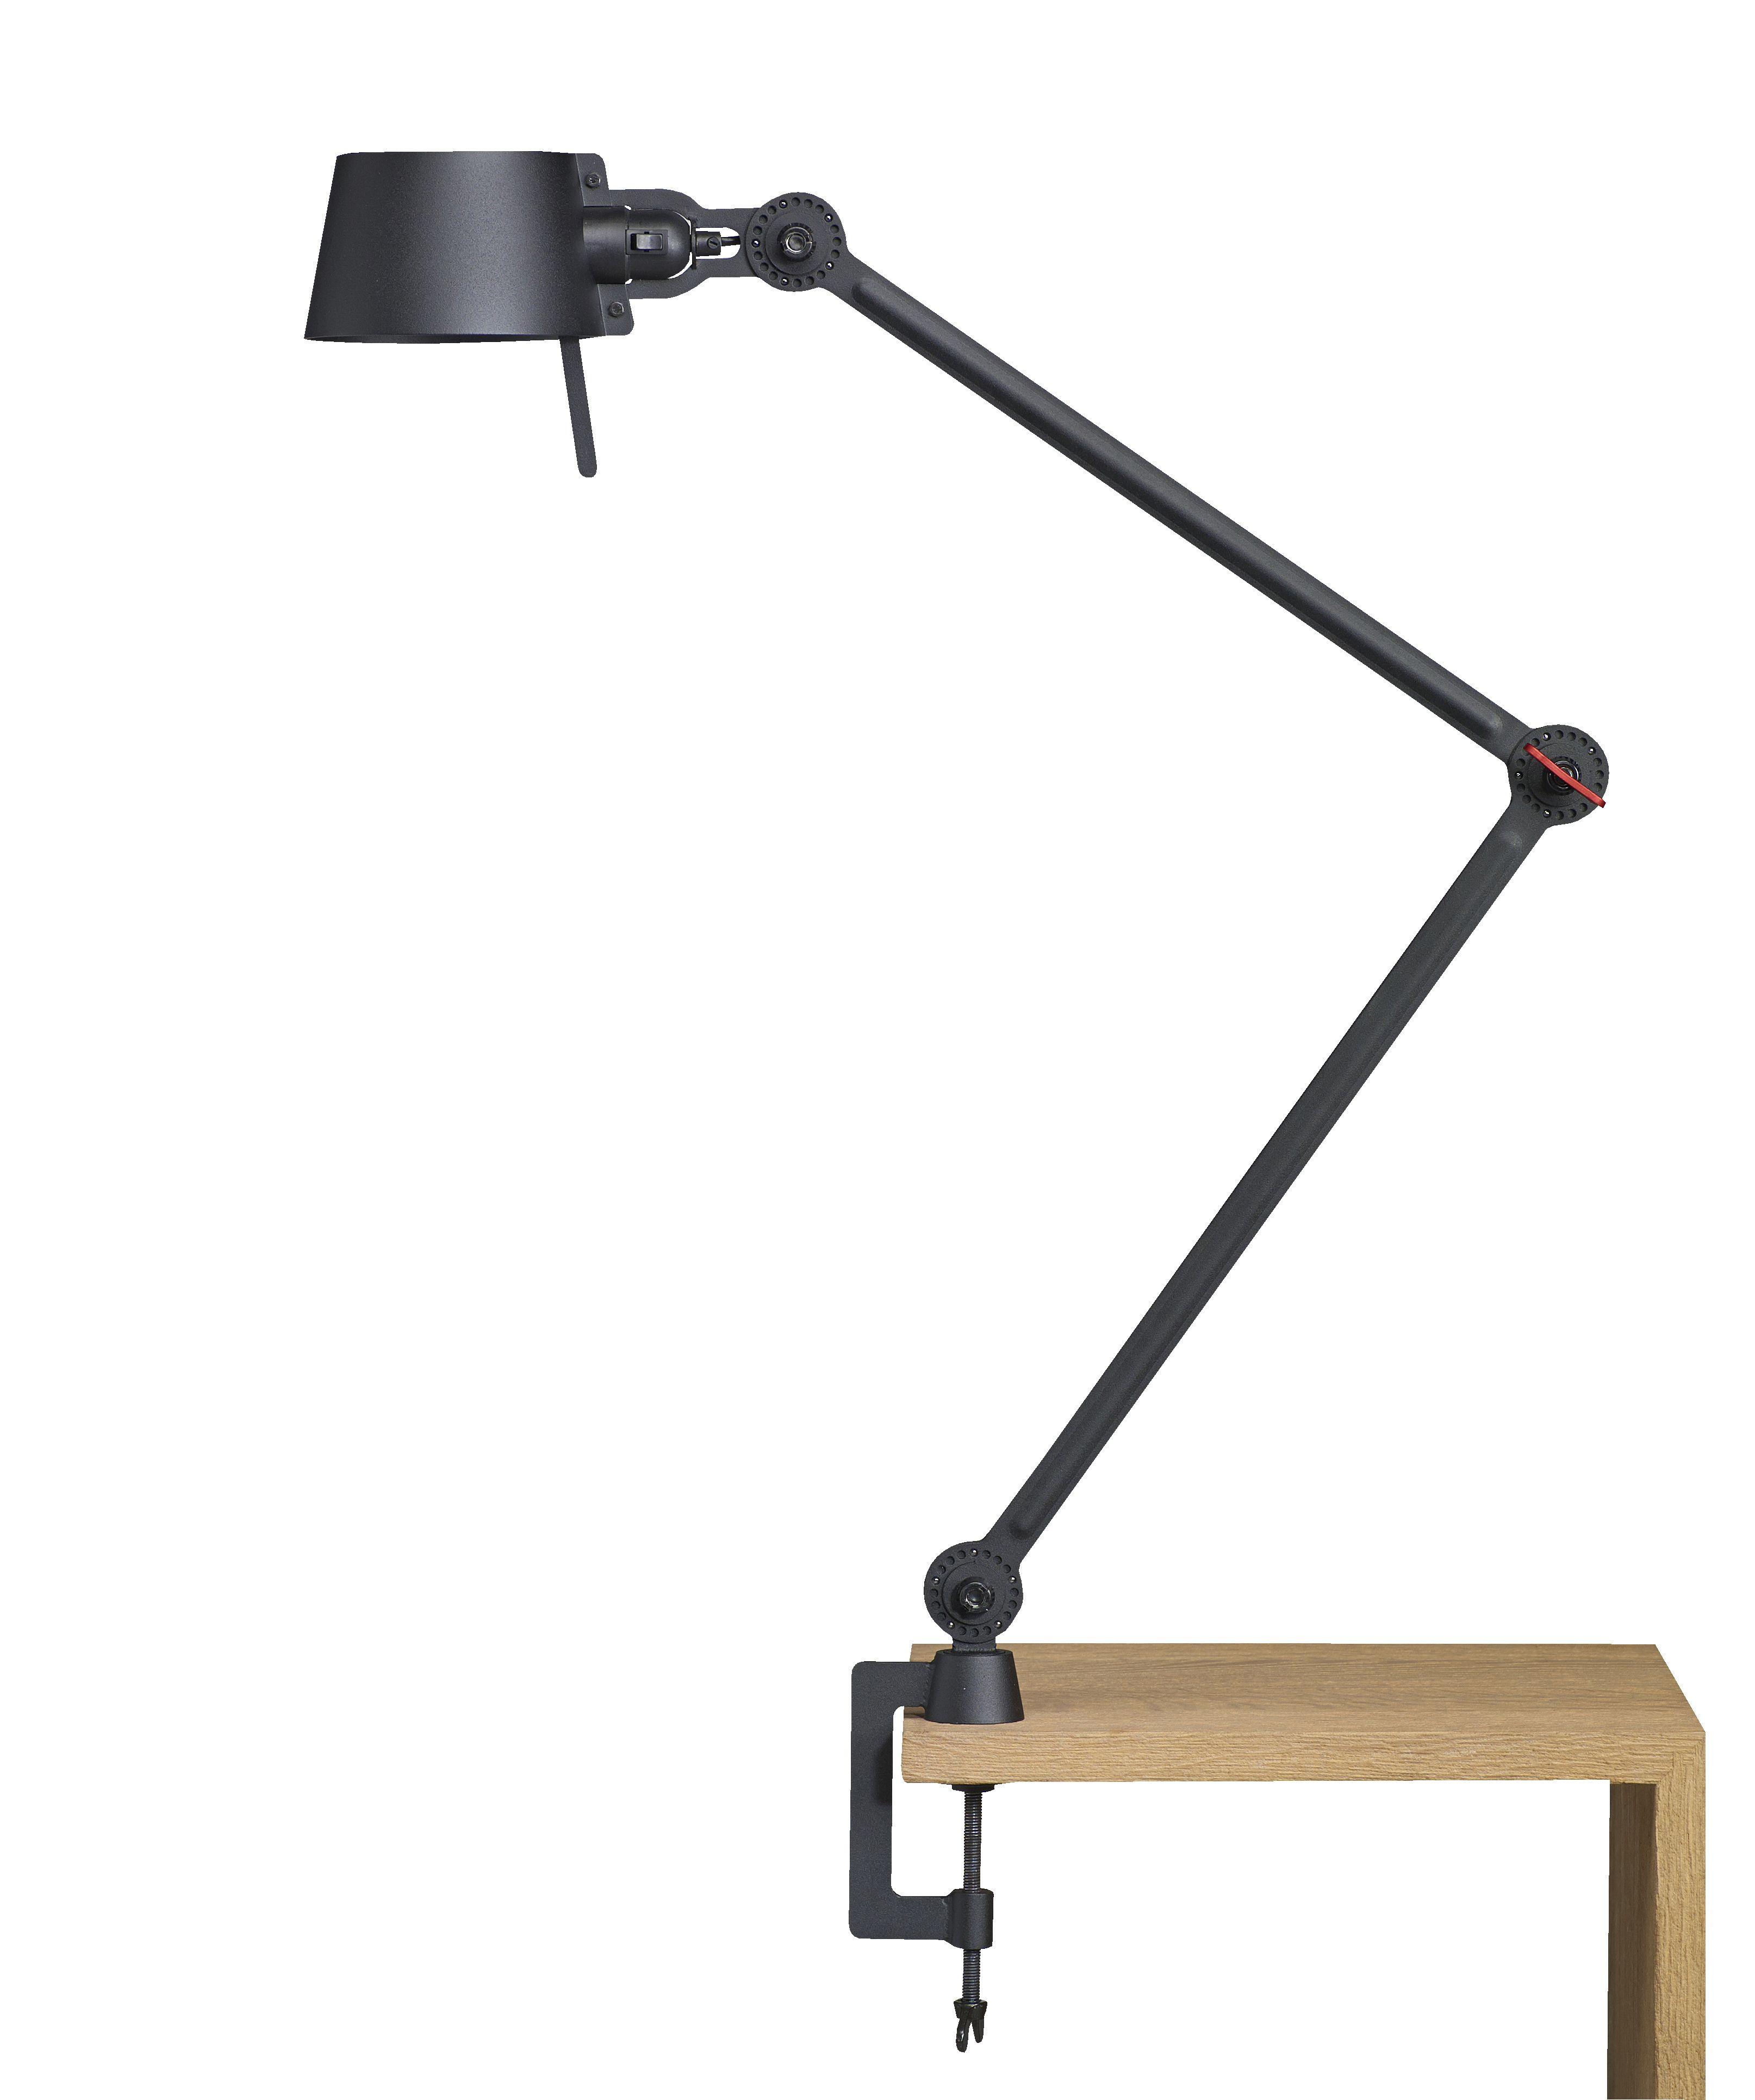 Tonone Bolt Desk Lamp Double Arm With Clamp Avec Images Lampe De Bureau Lamp Lampe Design